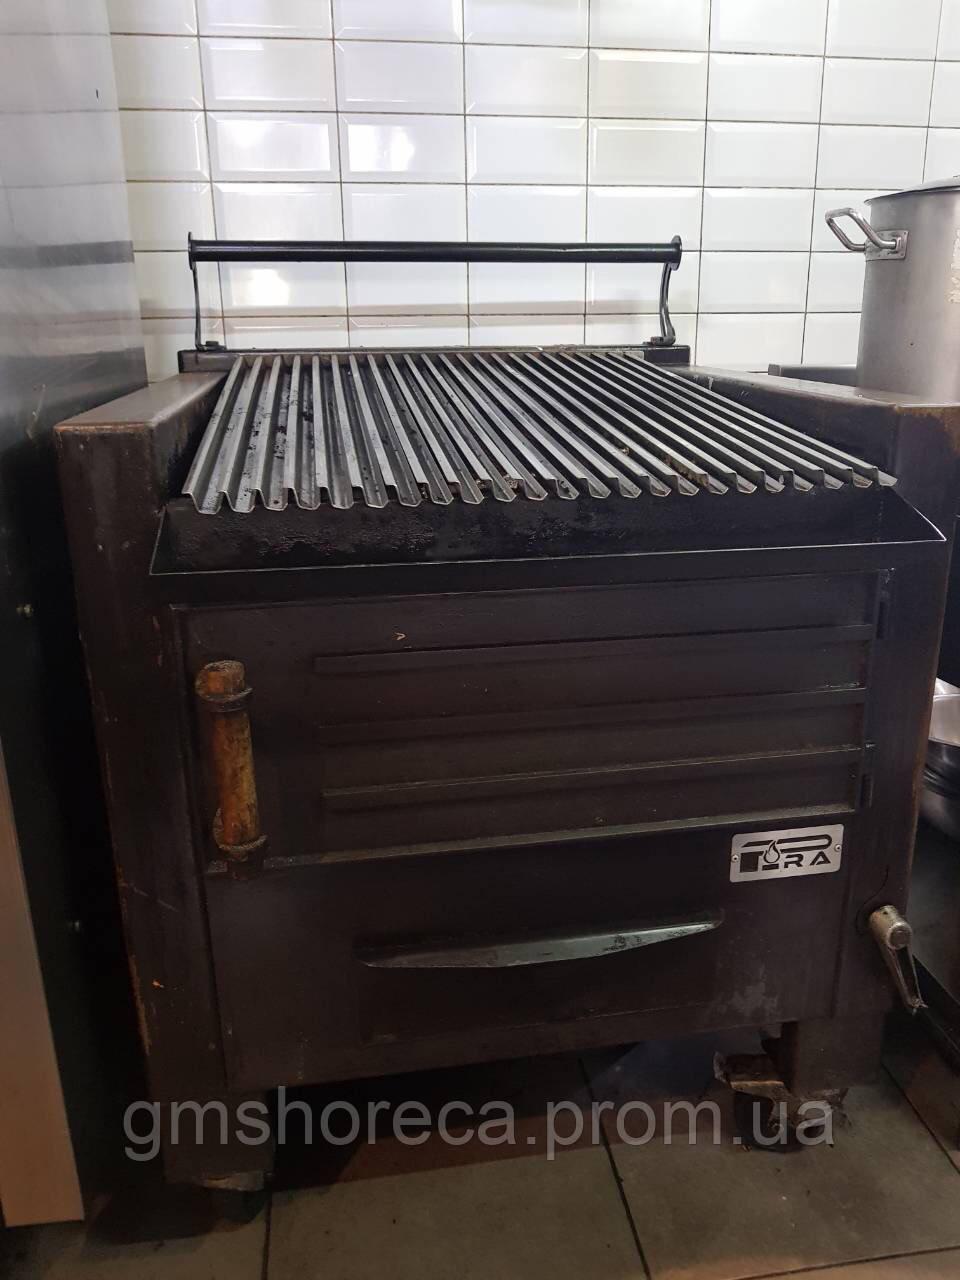 Гриль угольный PIRA M80 Б/у